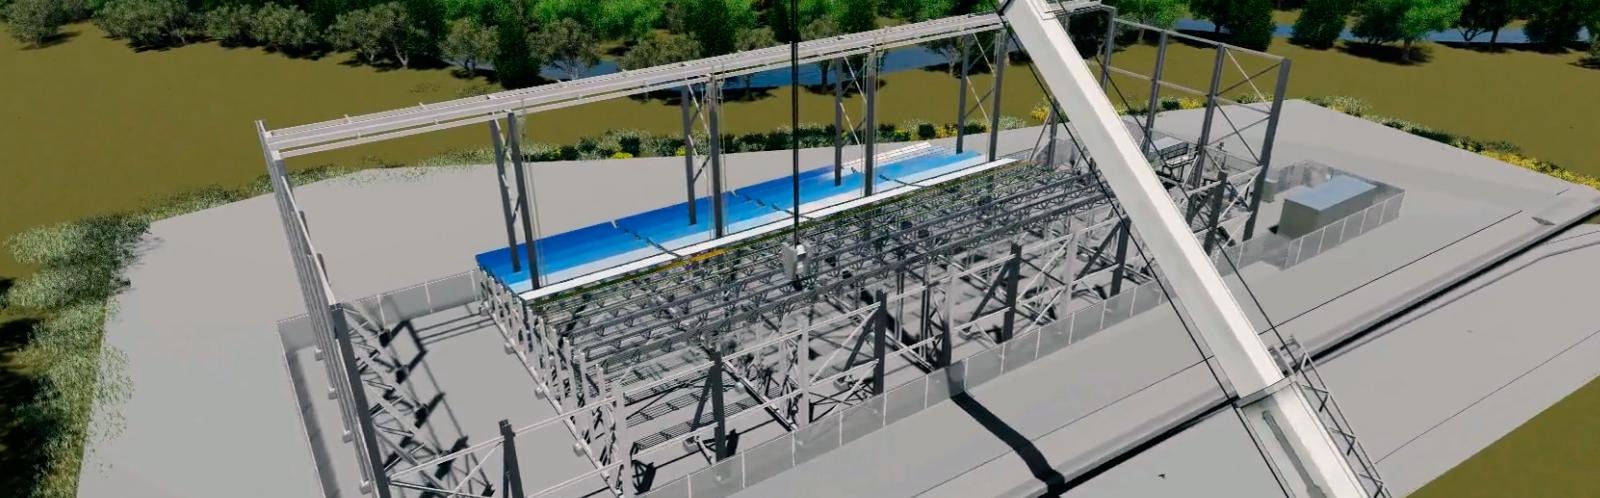 planta futuro solar